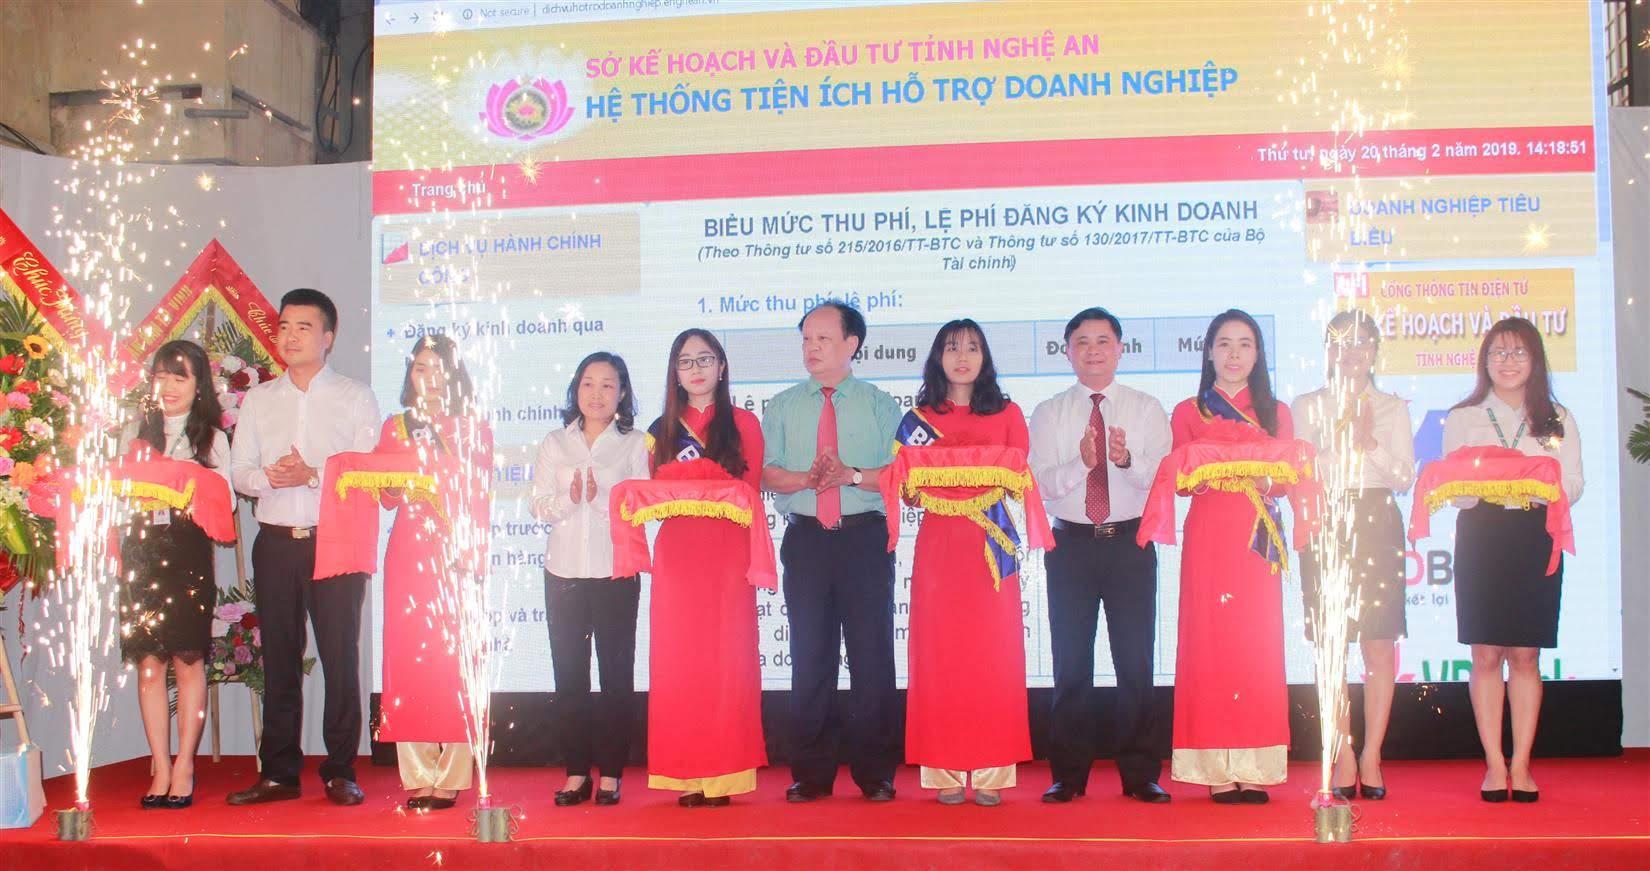 Việc xây dựng Cổng thông tin hỗ trợ doanh nghiệp của UBND tỉnh Nghệ An tạo điều kiện để doanh nghiệp tiếp cận thông tin dễ dàng hơn